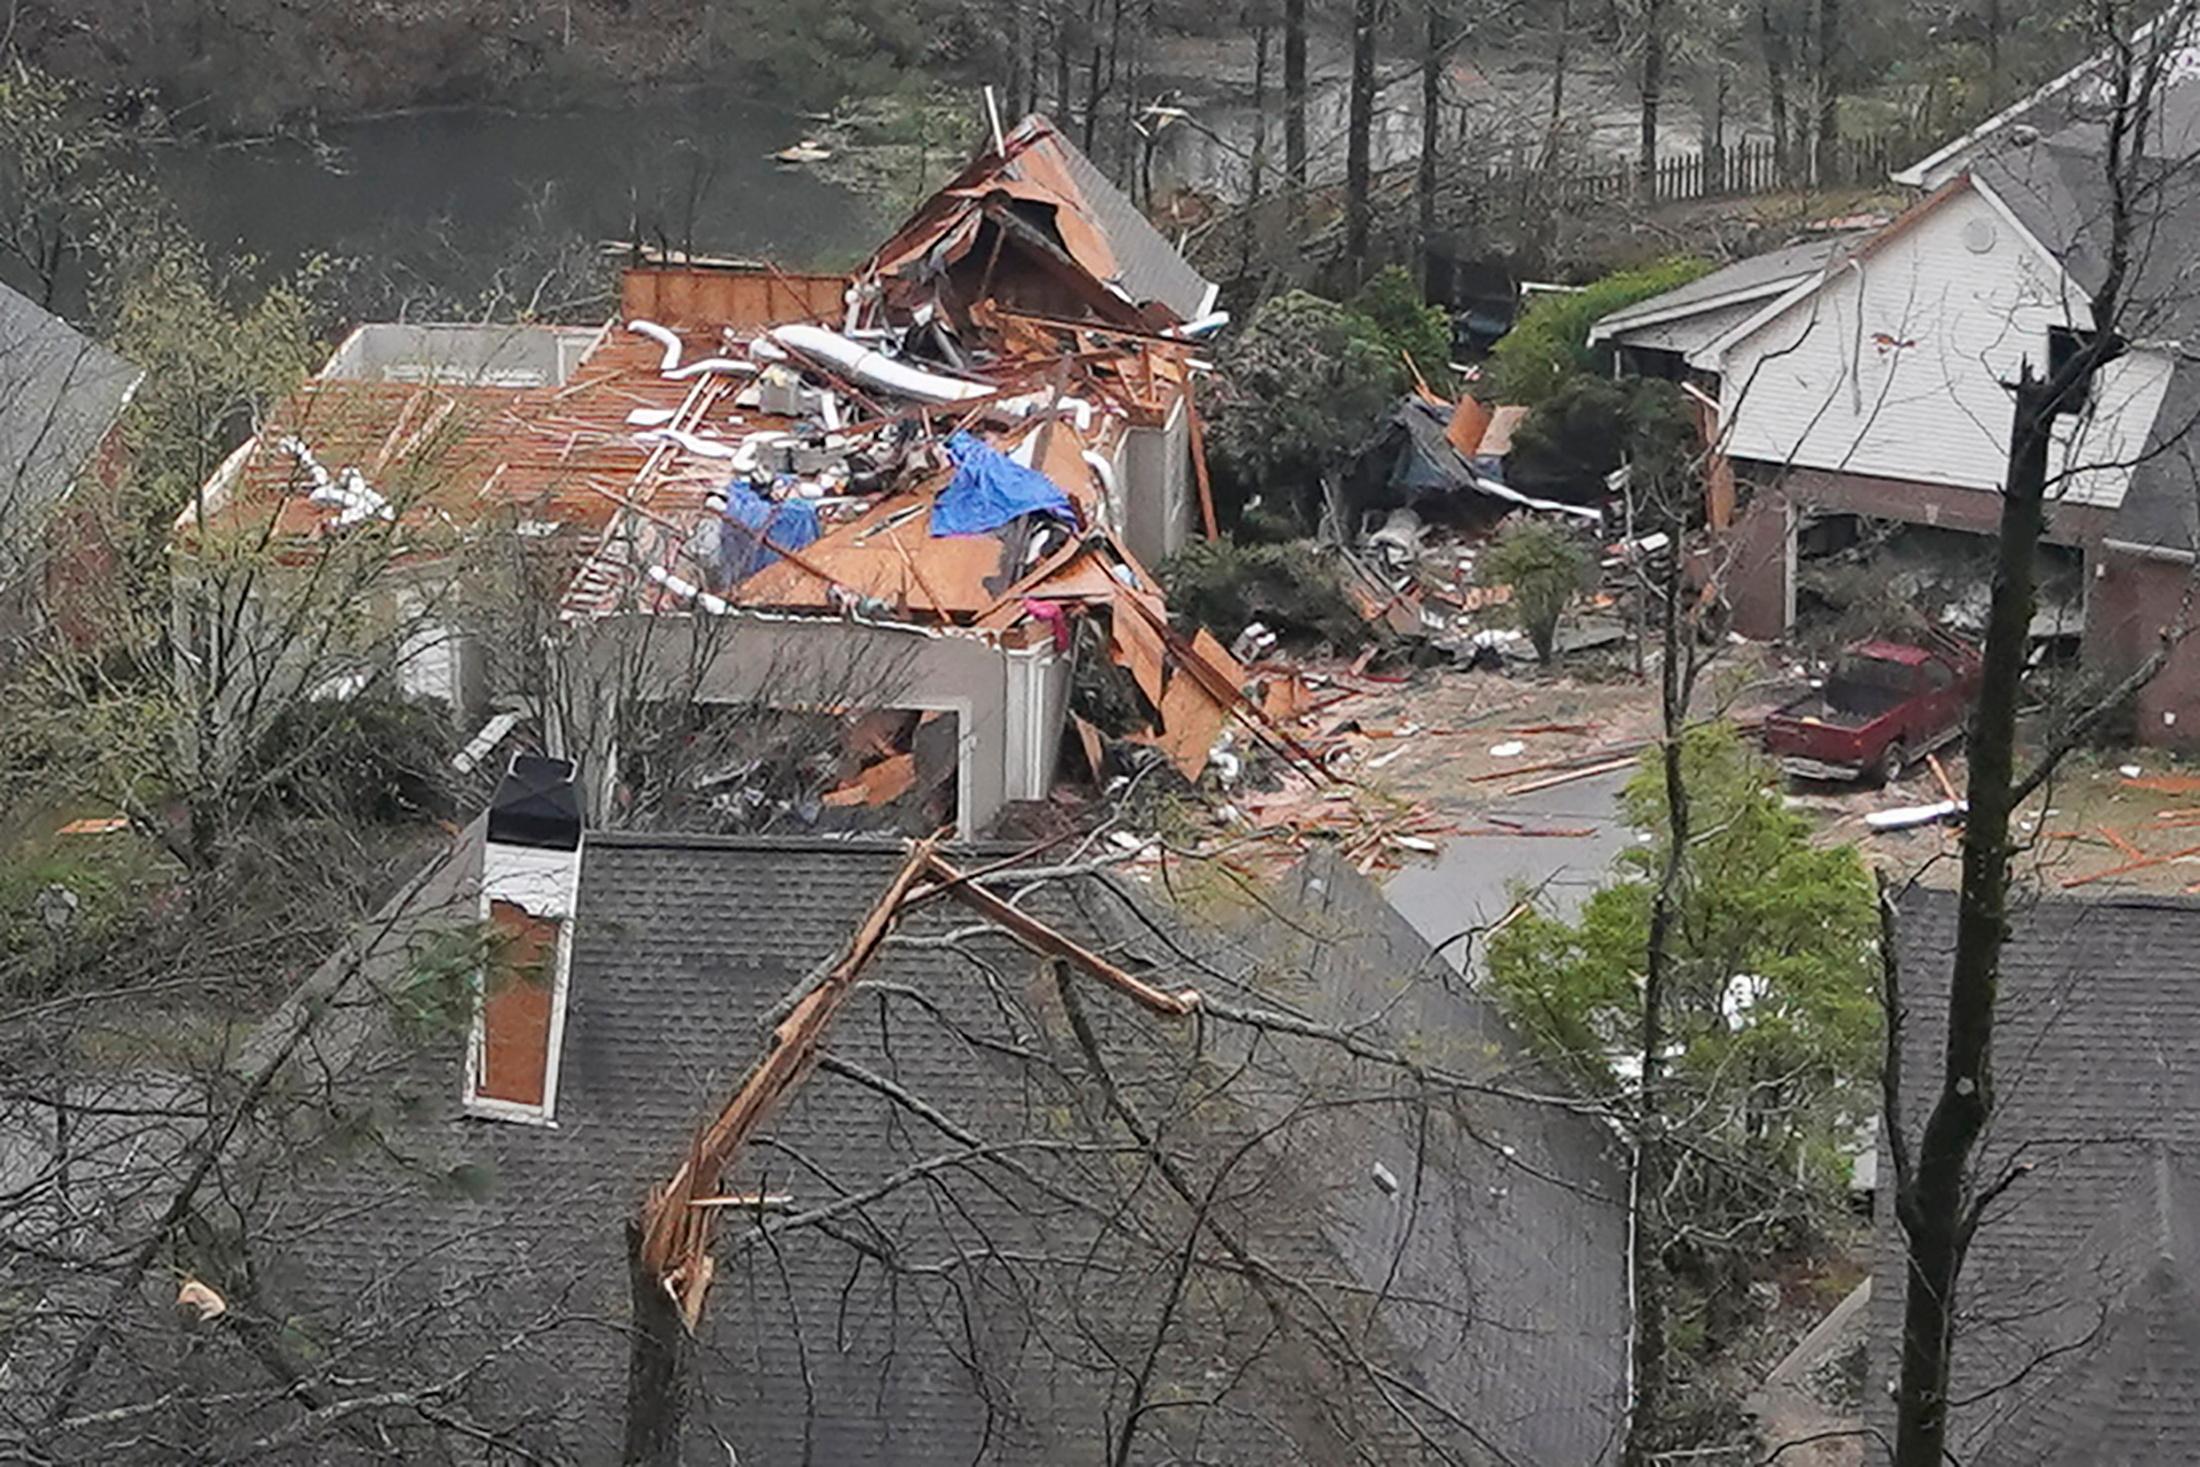 Ανεμοστρόβιλος σάρωσε την Αλαμπάμα – Αδιανόητη καταστροφή και πέντε νεκροί (pics, vids)